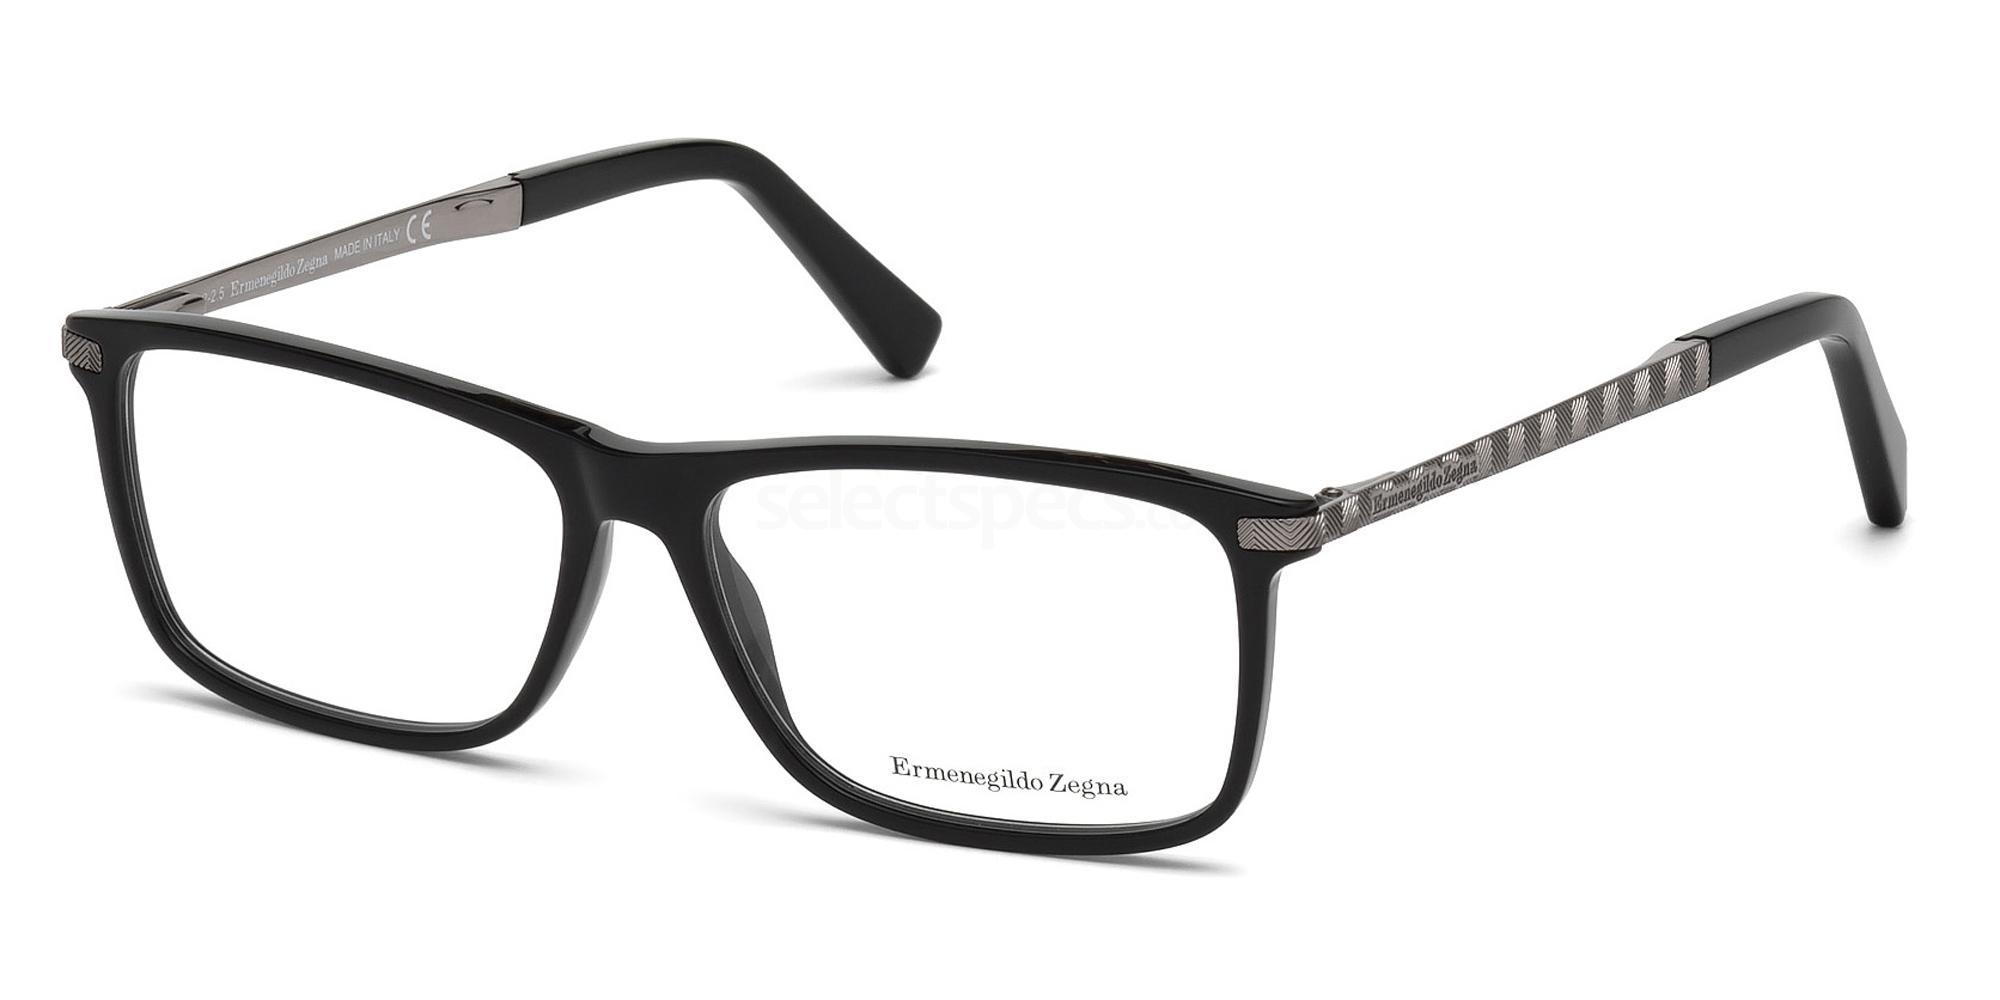 001 EZ5060 Glasses, Ermenegildo Zegna